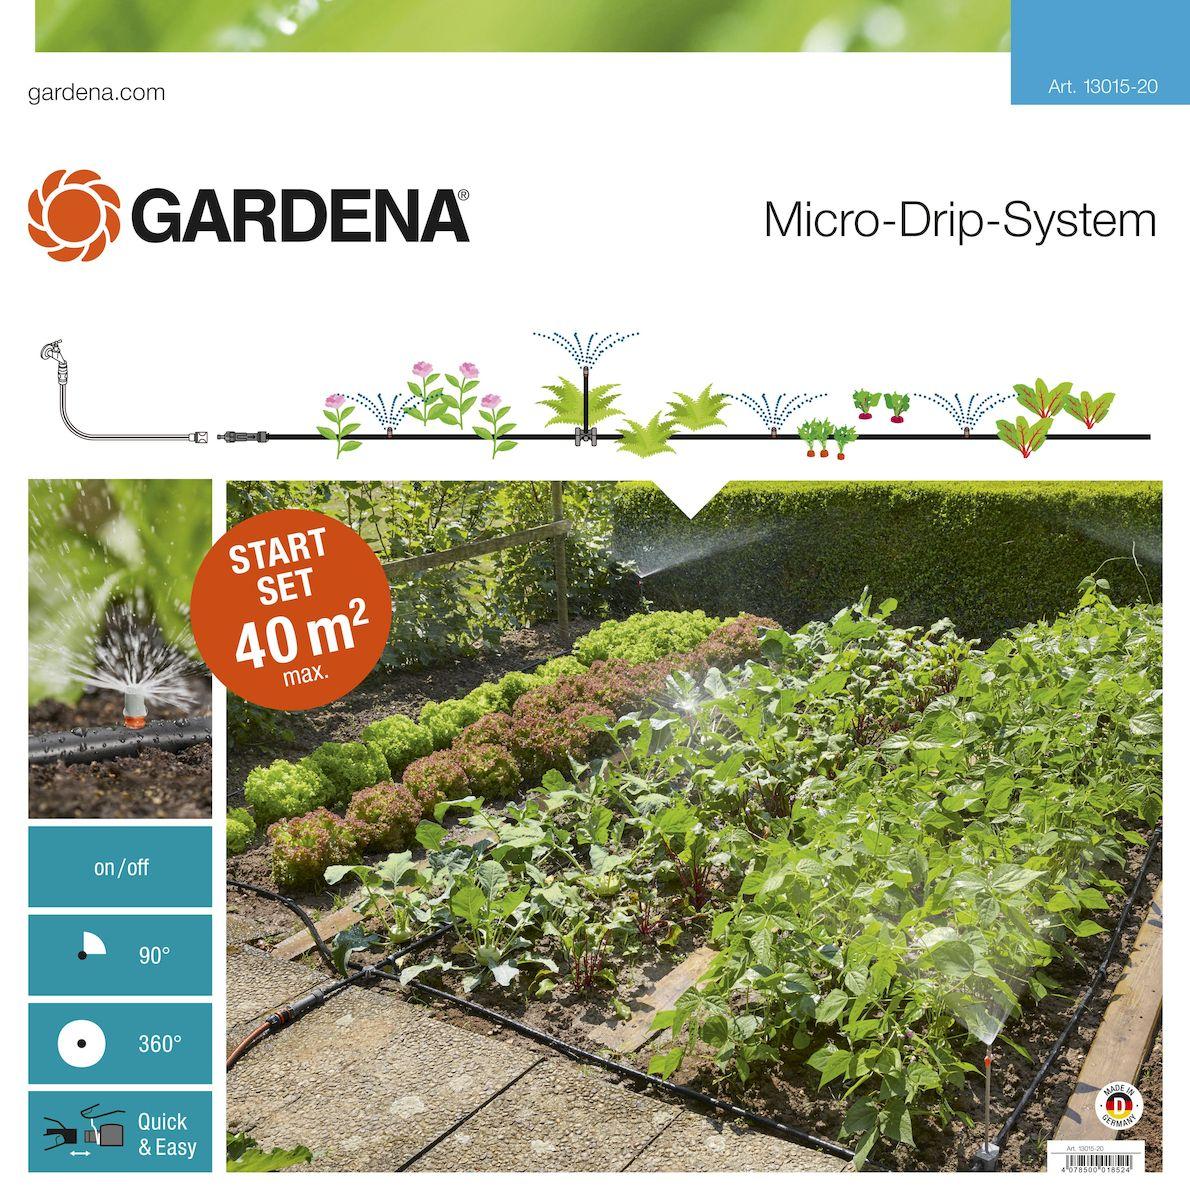 Шланг сочащийся Gardena с фитингами, 13 мм (1/2) х 40 м13015-20.000.00Шланг сочащийся Gardena является элементом системы микрокапельного полива Gardena и оптимально подходит для полива грядок площадью до 40 м2. Наличие распыляющих микронасадок позволяет бережно поливать рассаду и капризные растения. В комплекте: - мастер блок 1000; - магистральный шланг 25 м; - микронасадка 90°, 4шт; - микронасадка 360°; - надставка для микронасадки, 5 шт; - запорных кран, 5 шт; - L-образный соединитель 13 мм (1/2), 2 шт; - крестовина 13 мм (1/2); - направляющие 13 мм (1/2), 5 шт; - заглушка 13 мм (1/2), 3 шт; - колышки для крепления шлангов 13 мм (1/2), 10 шт; - инструмент для сборки. Благодаря запатентованной технологии быстрого подсоединения Quick & Easy, все элементы легко соединяются и разъединяются.